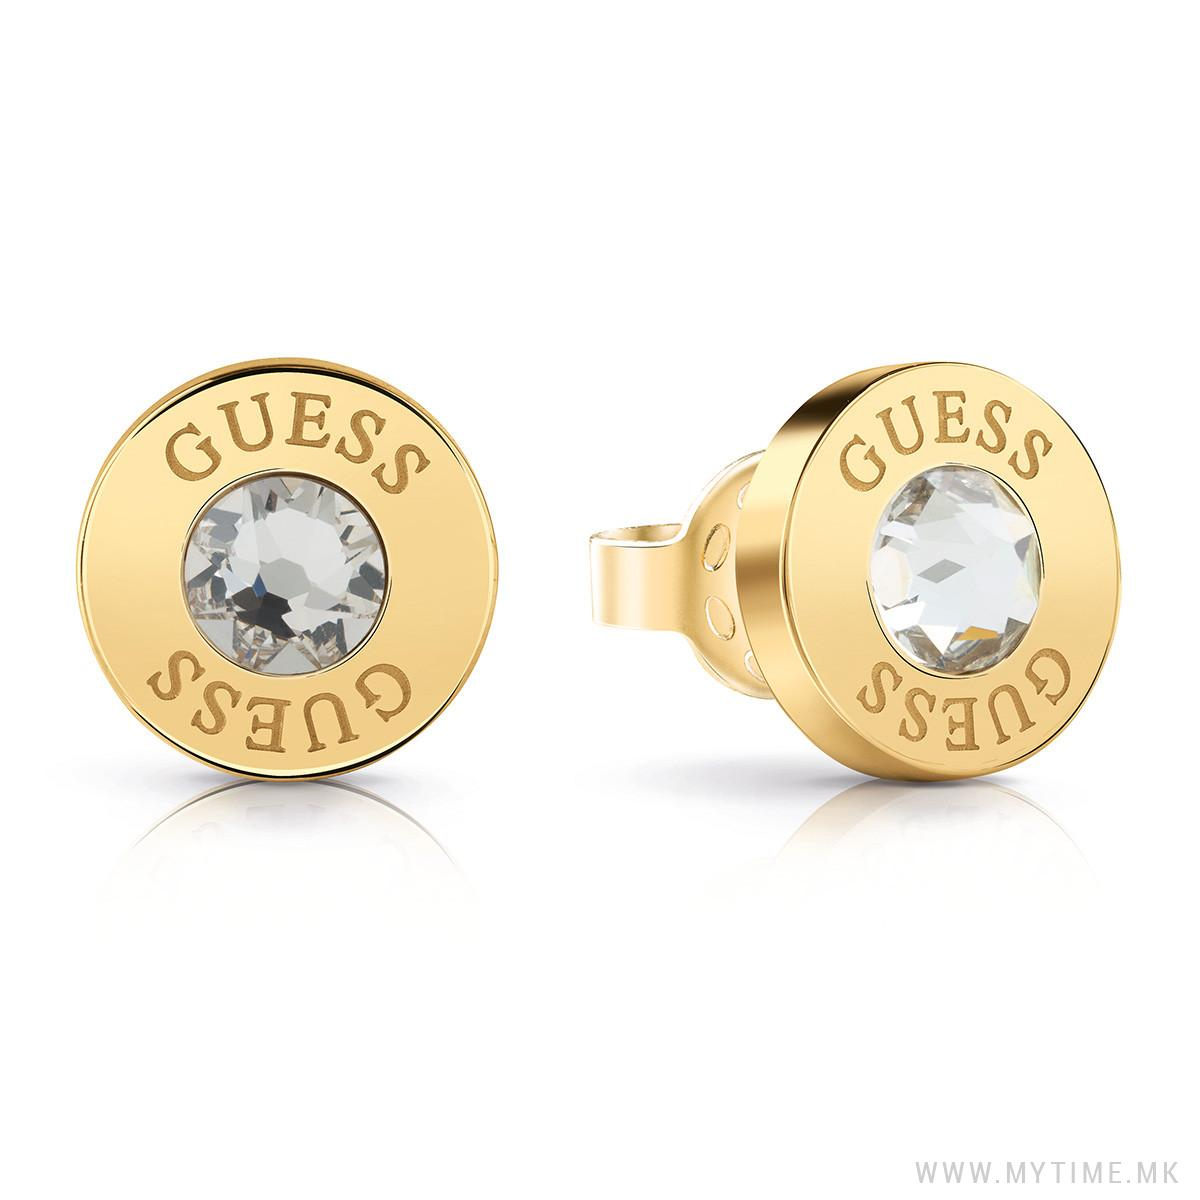 UBE78095